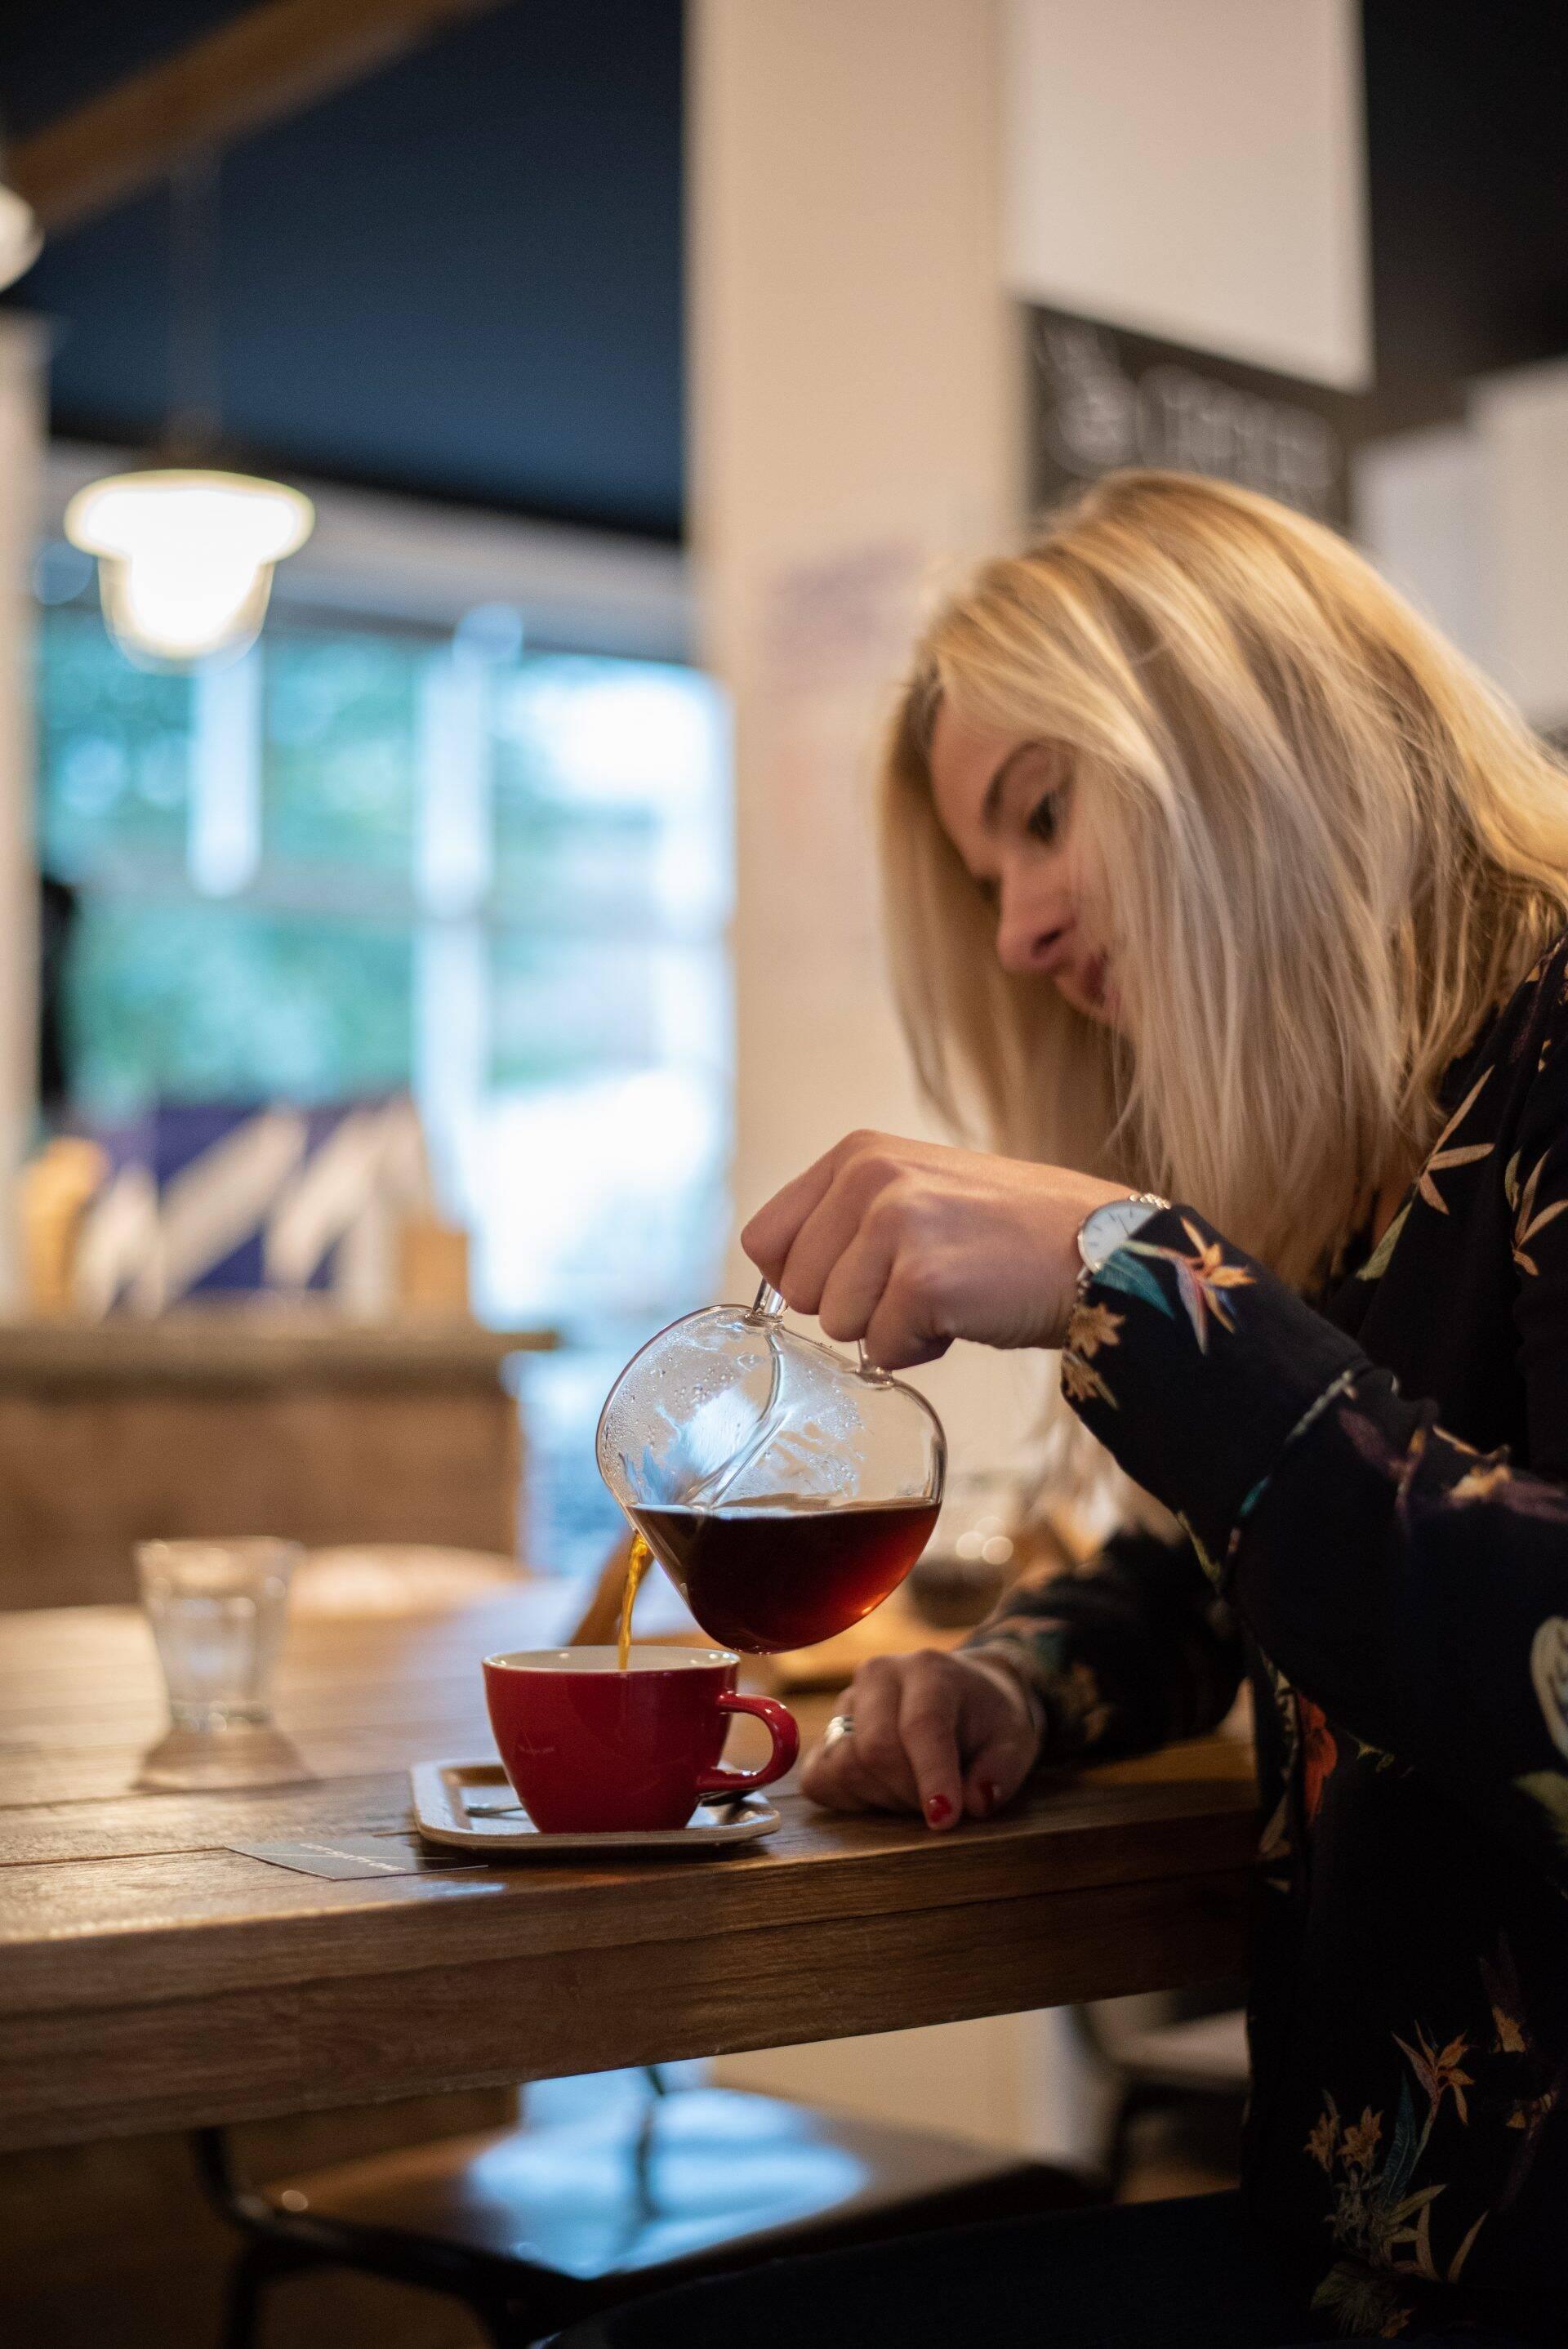 Wat is Hario V60 koffie en hoe maak je dat?